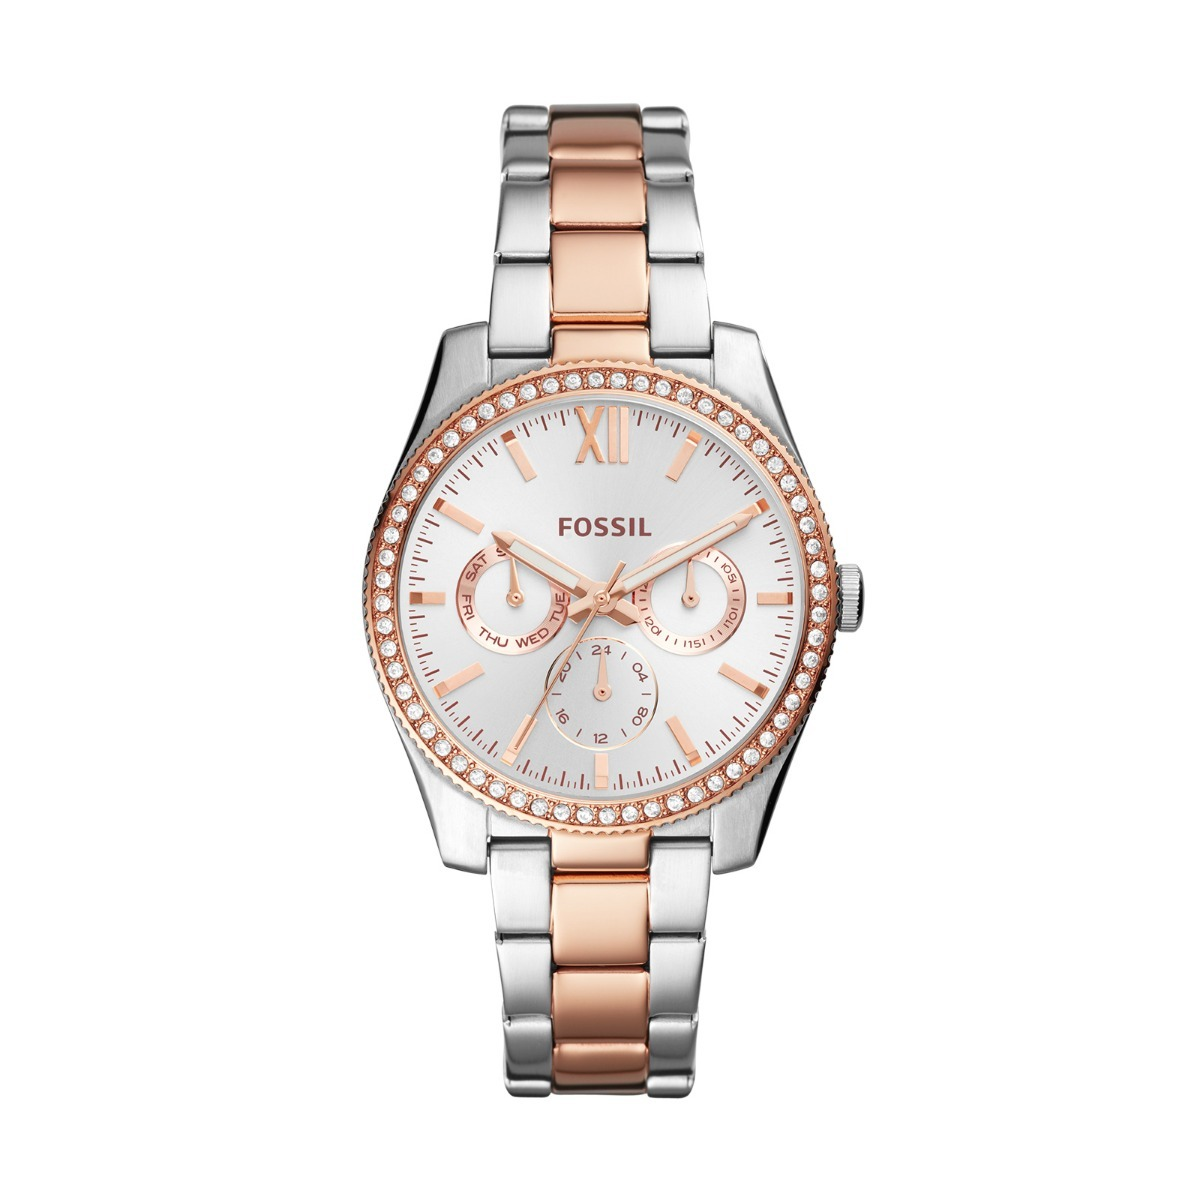 03a67c35c348 Reloj Fossil Para Mujer - Scarlette Es4373 -   603.000 en Mercado Libre